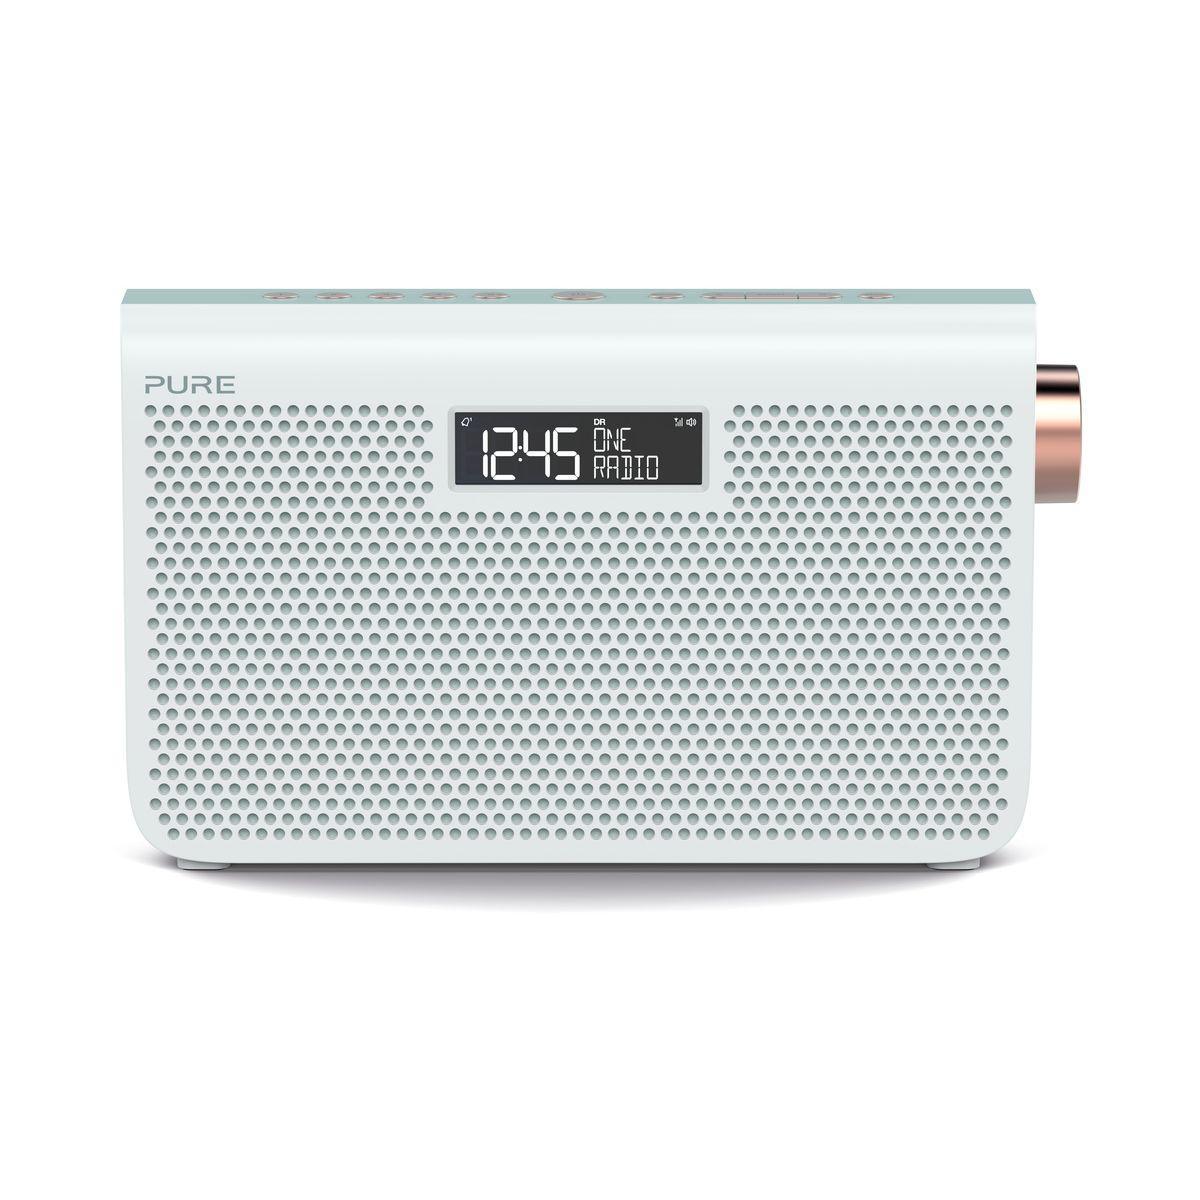 Radio num�rique pure one maxi, s3s jade - livraison offerte : code premium